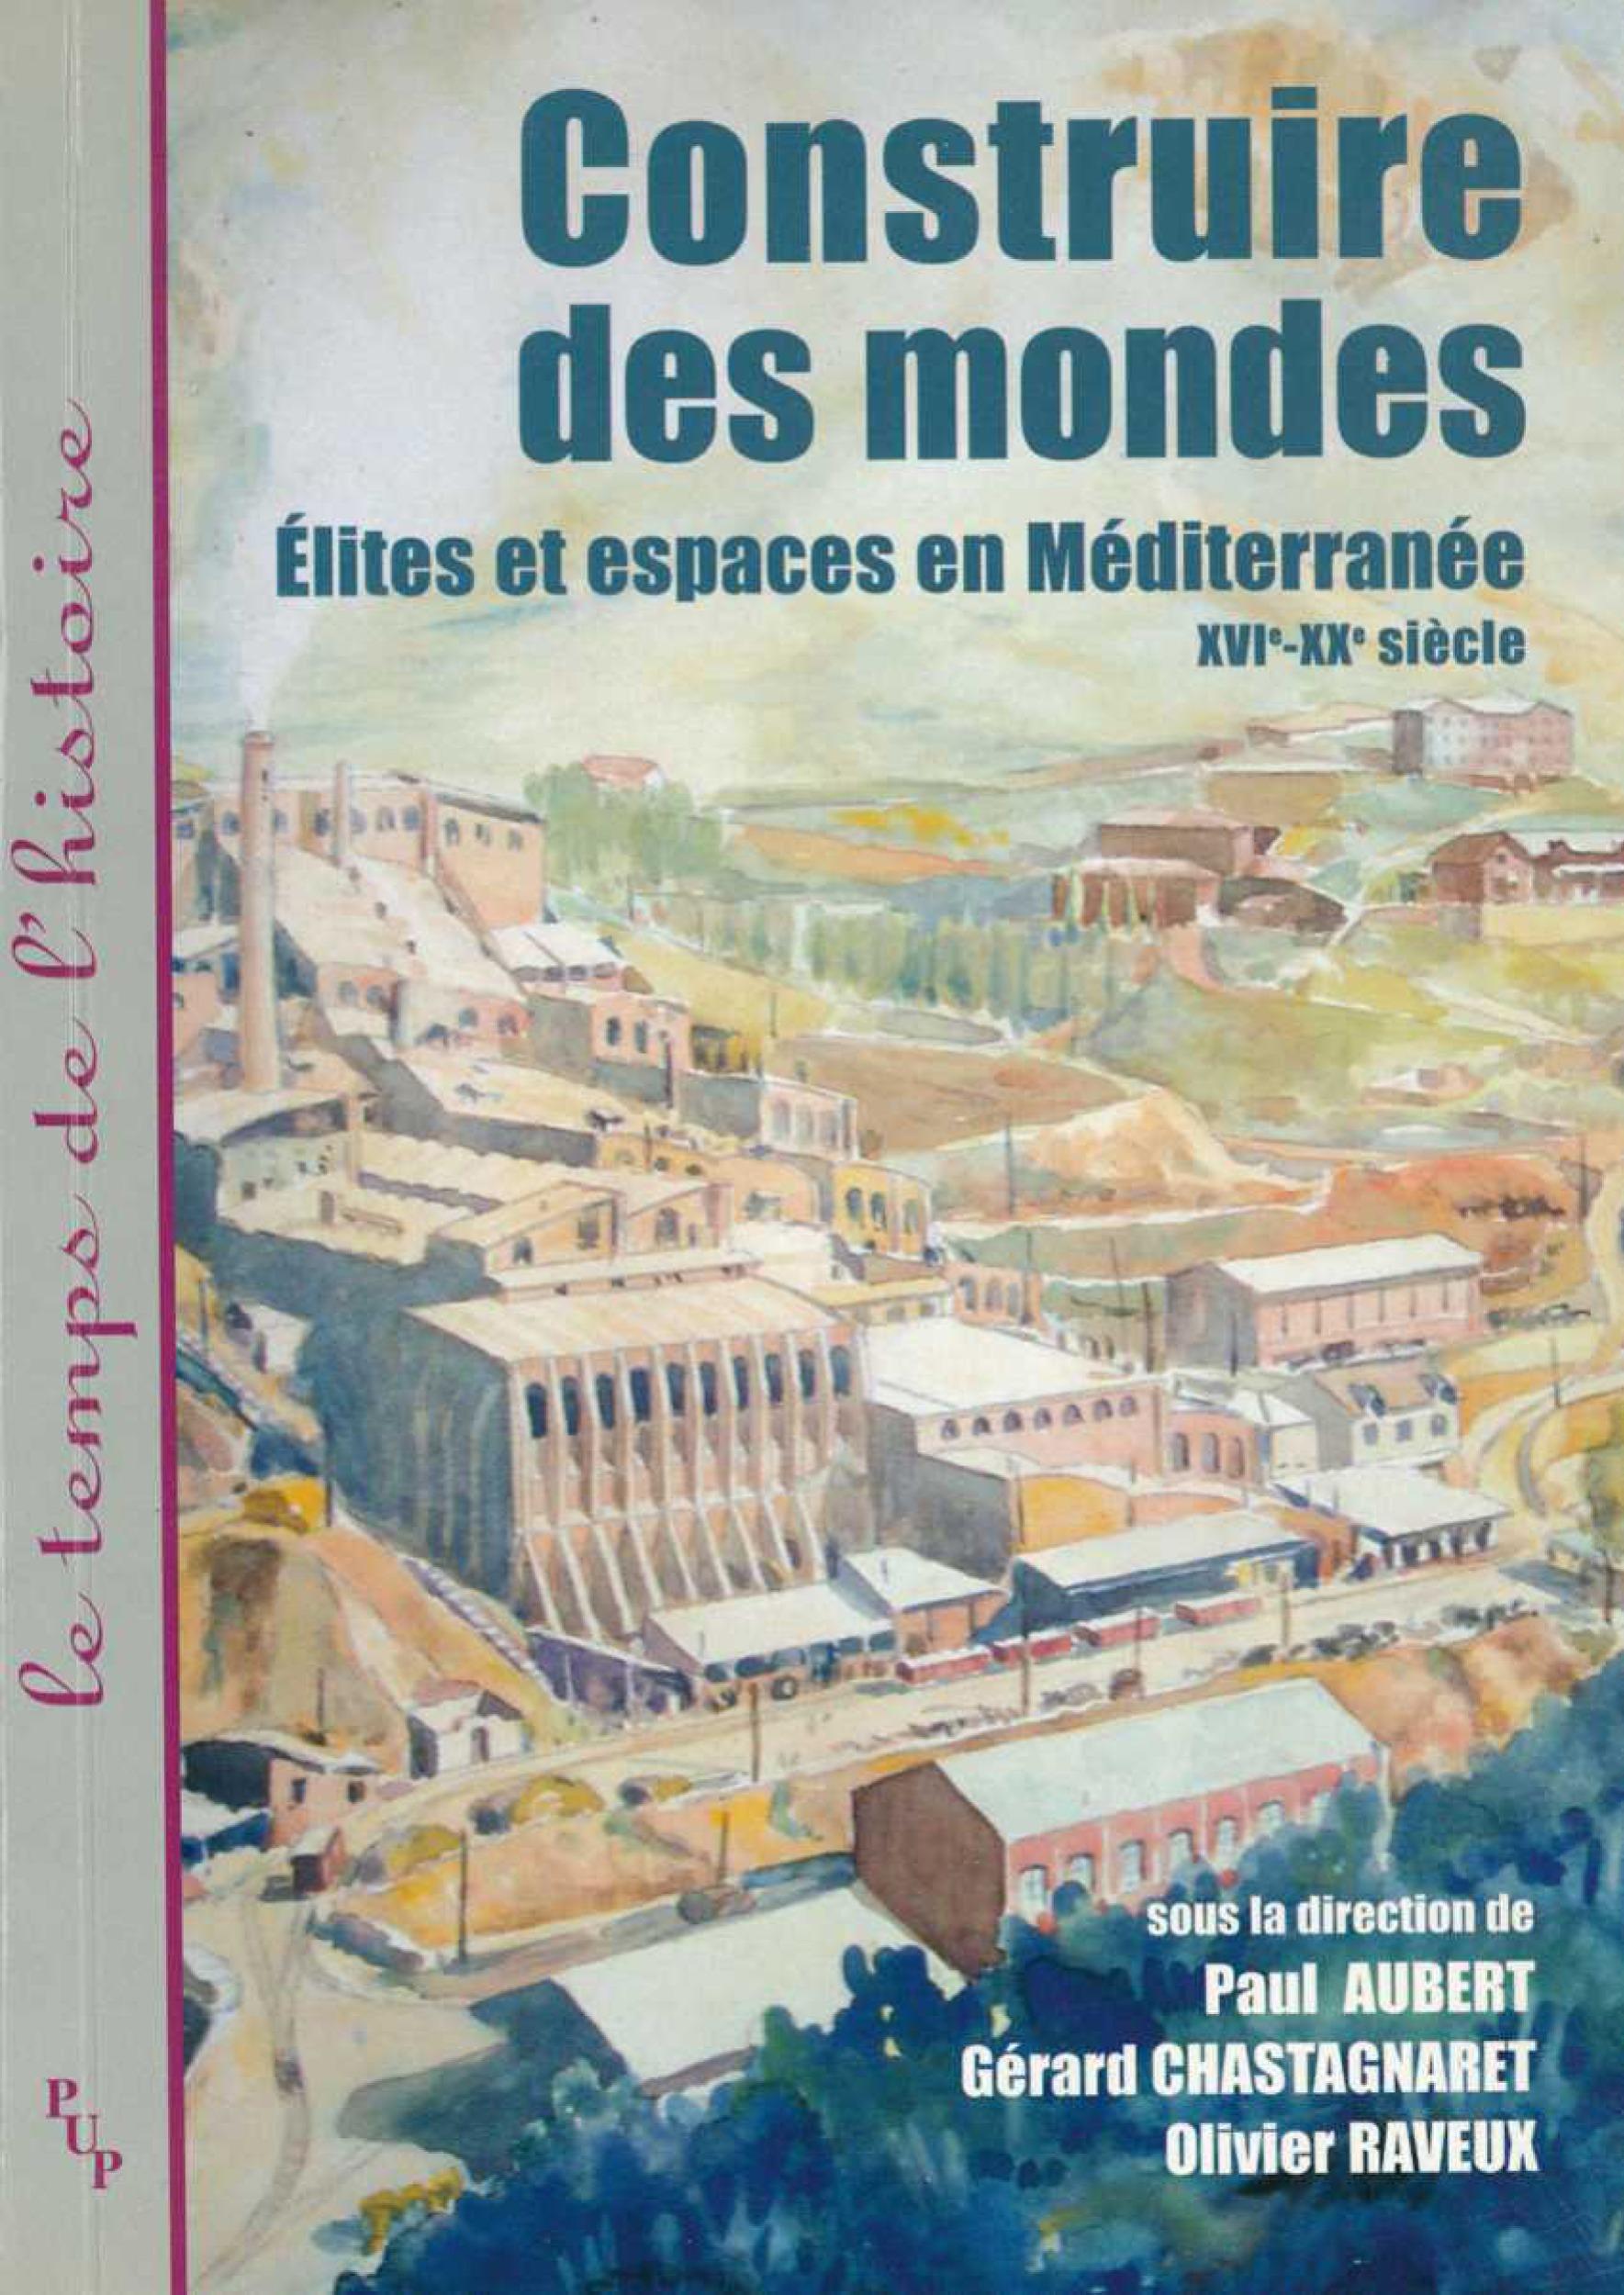 Construire des mondes elites et espaces en mediterranee xvi-xx siecle